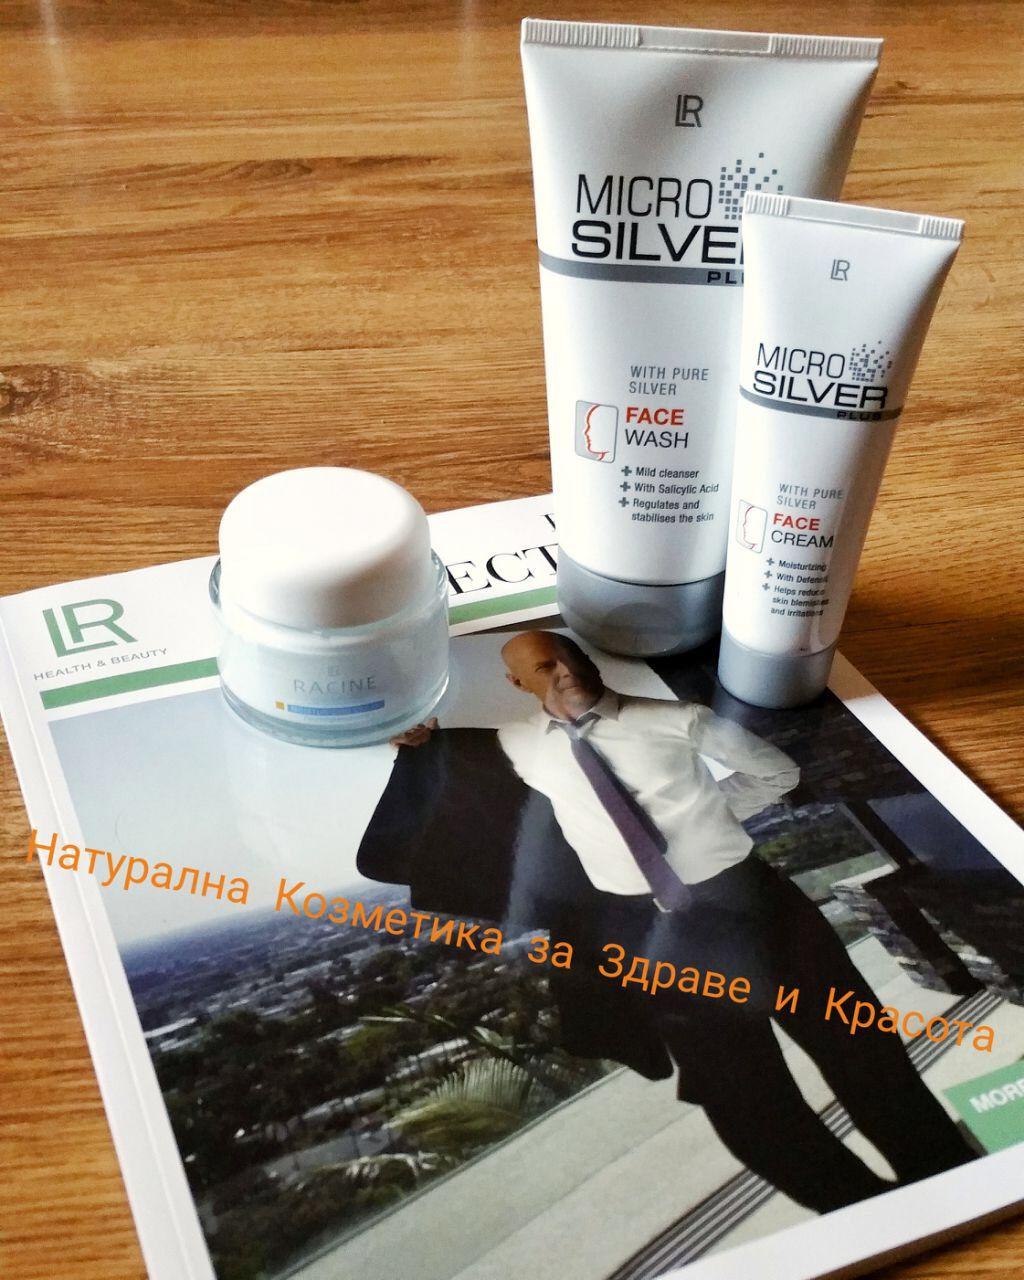 Face cream by Tsvetelina Koleva on LR Health&Beauty